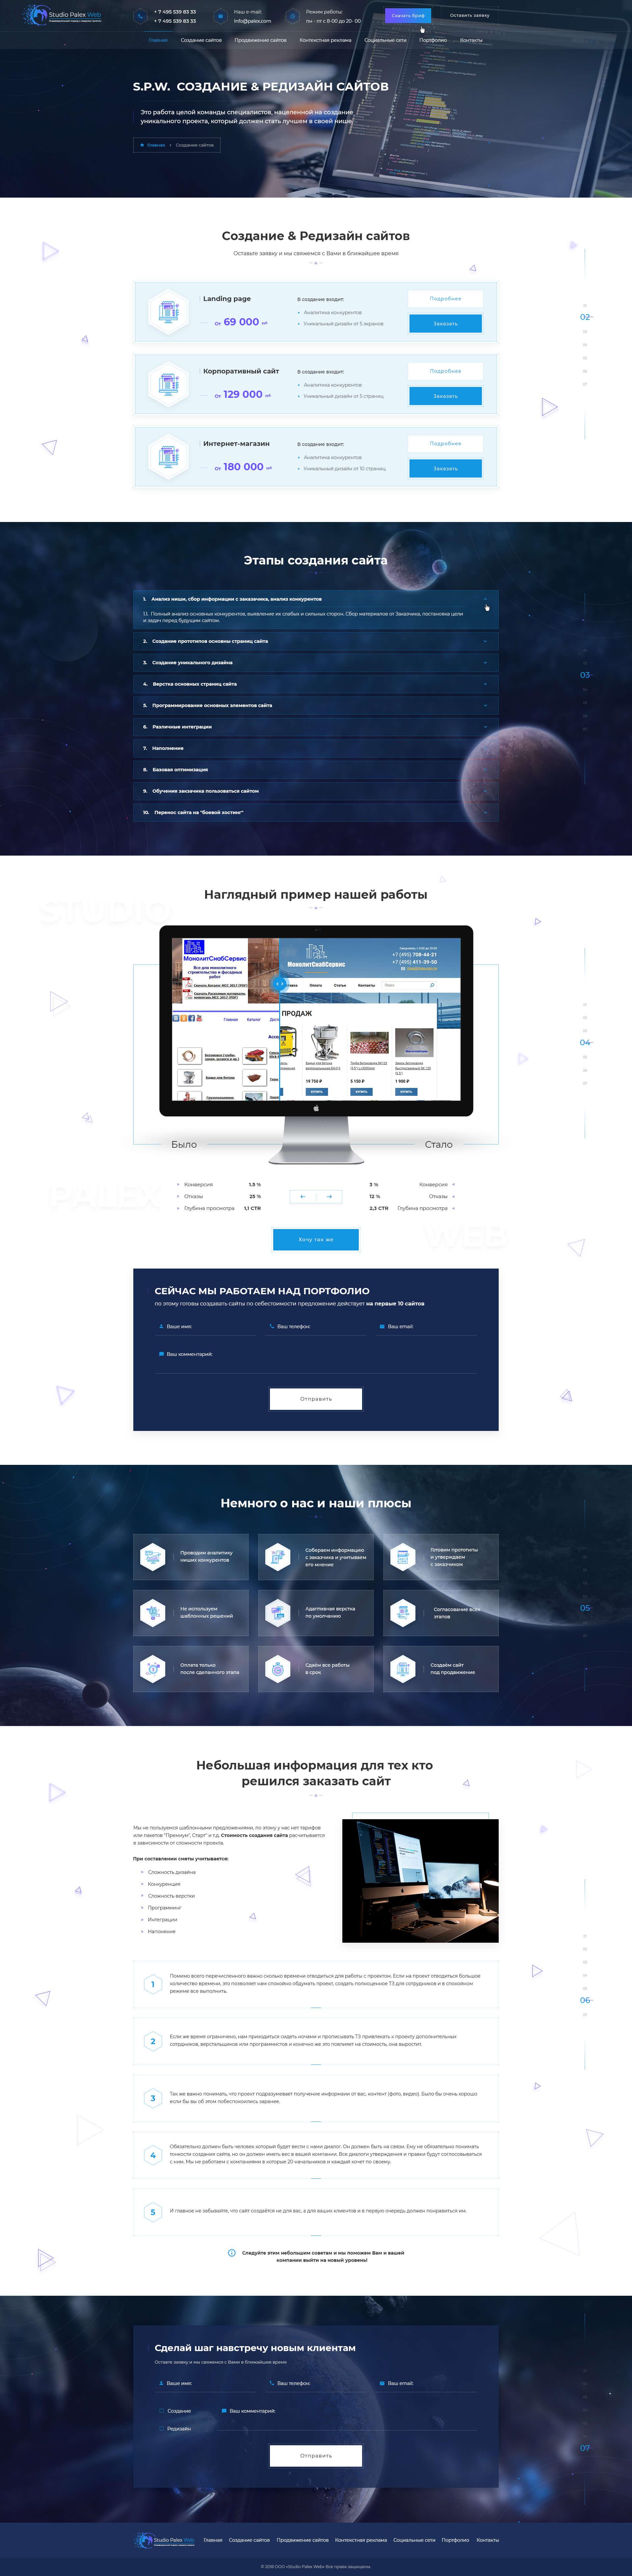 StudioPalexWeb_02_Websitedevelopment_0.7